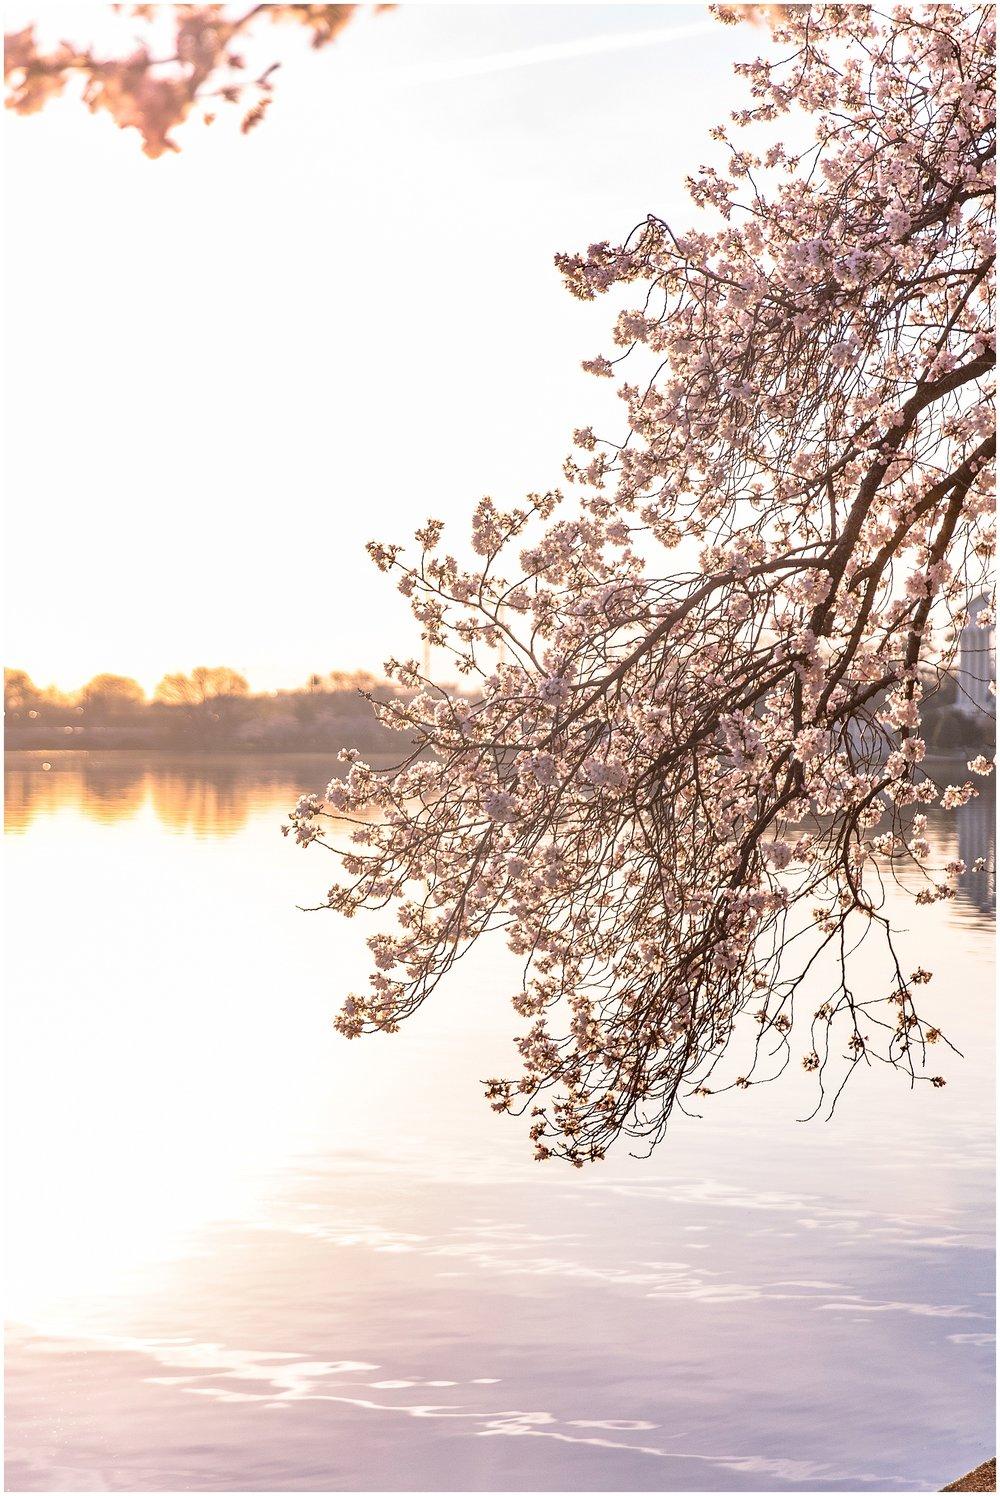 cherryblossom_washingtondc_spring_pink_0055.jpg